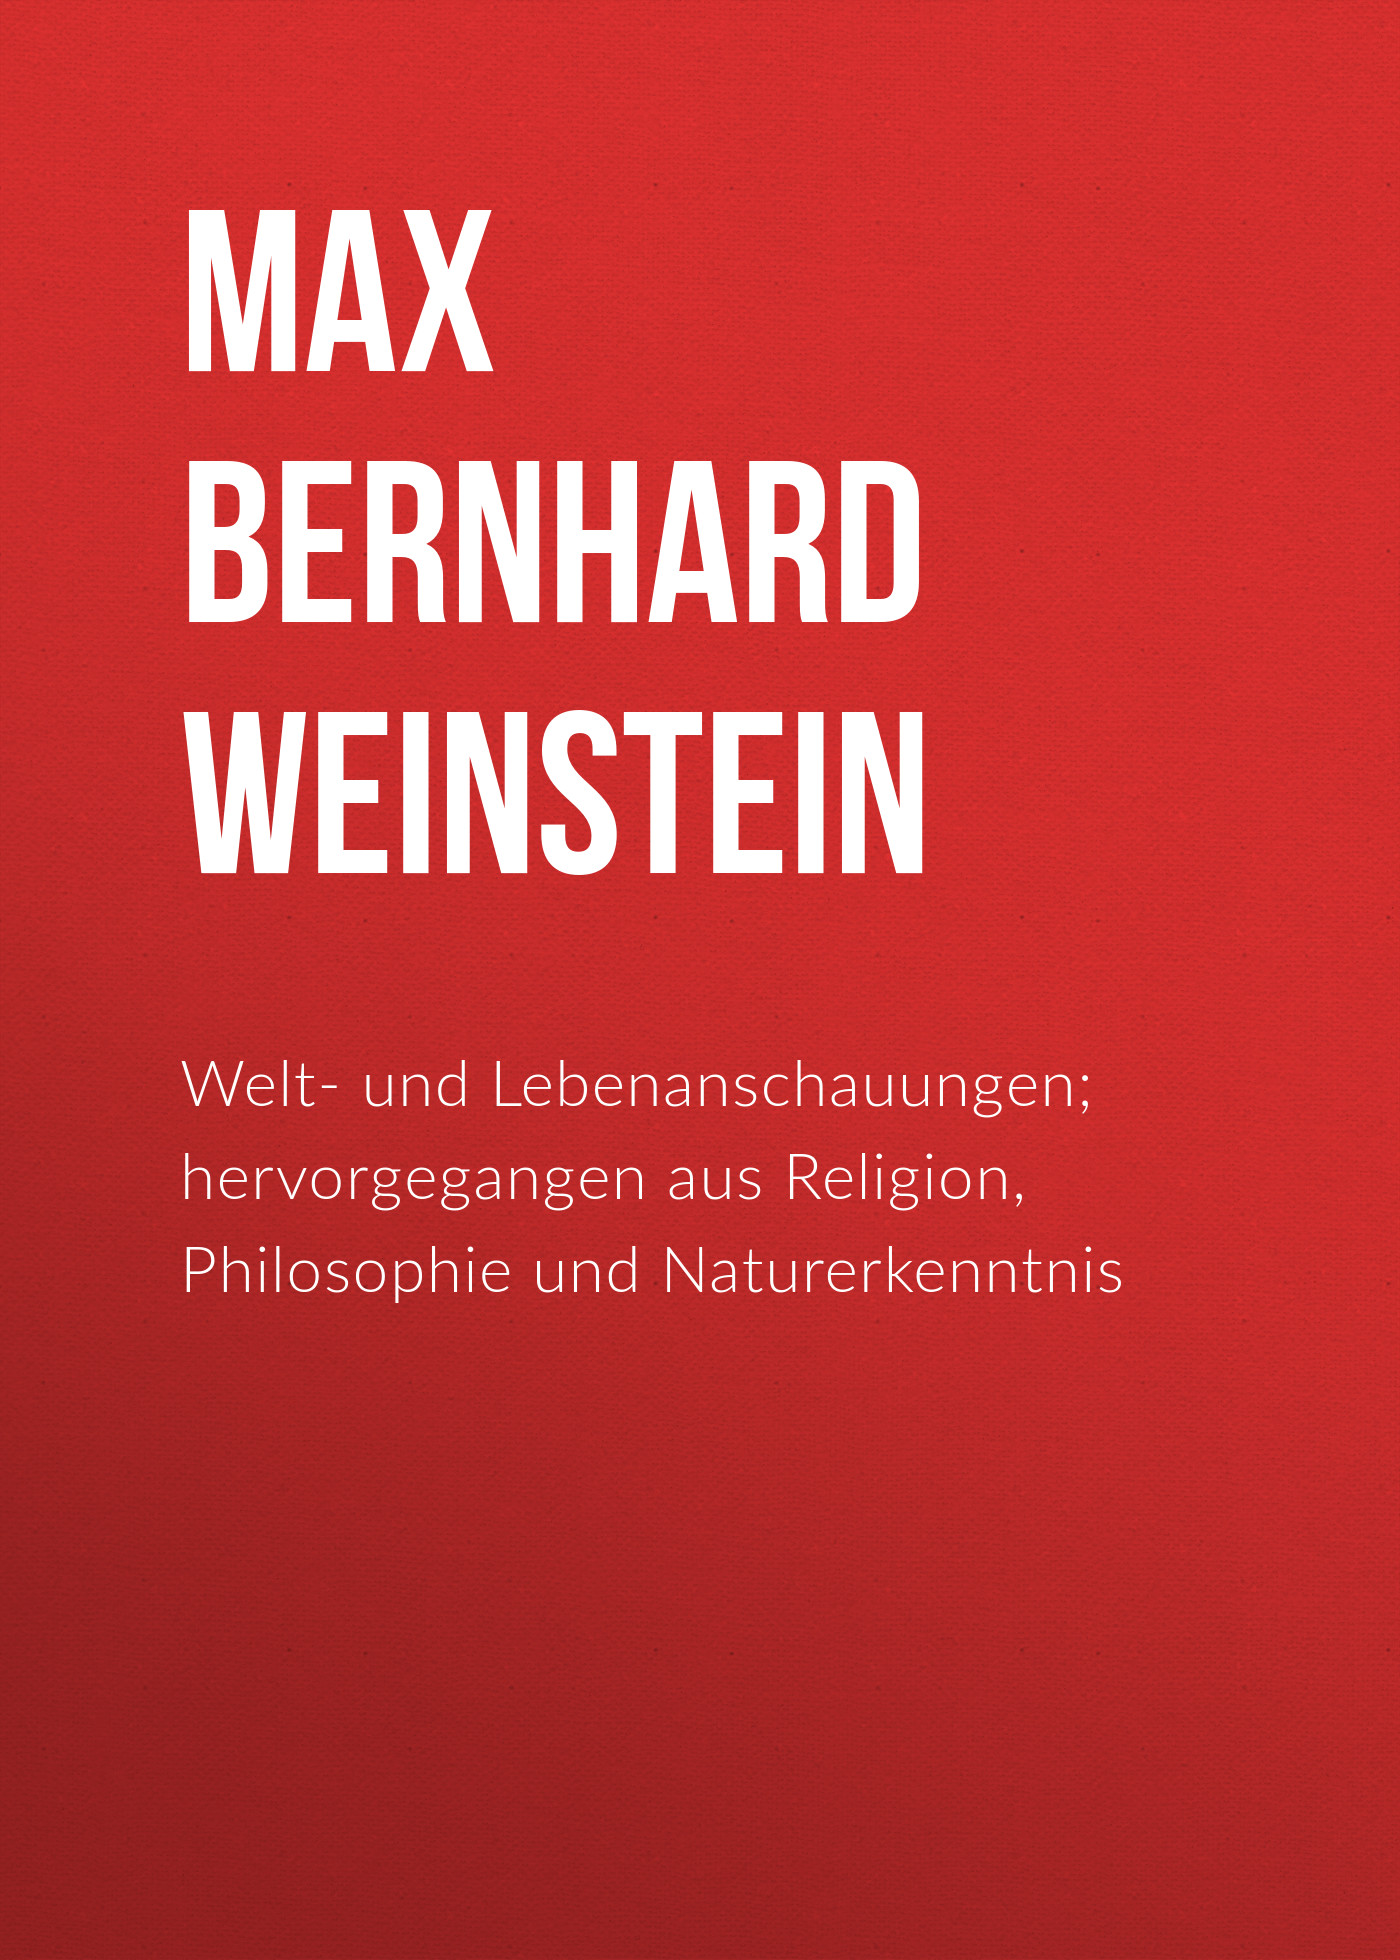 Max Bernhard Weinstein Welt- und Lebenanschauungen; hervorgegangen aus Religion, Philosophie und Naturerkenntnis robert steinerwald buurgerliche philosophie und revisionismus im imperialistischen deutschland